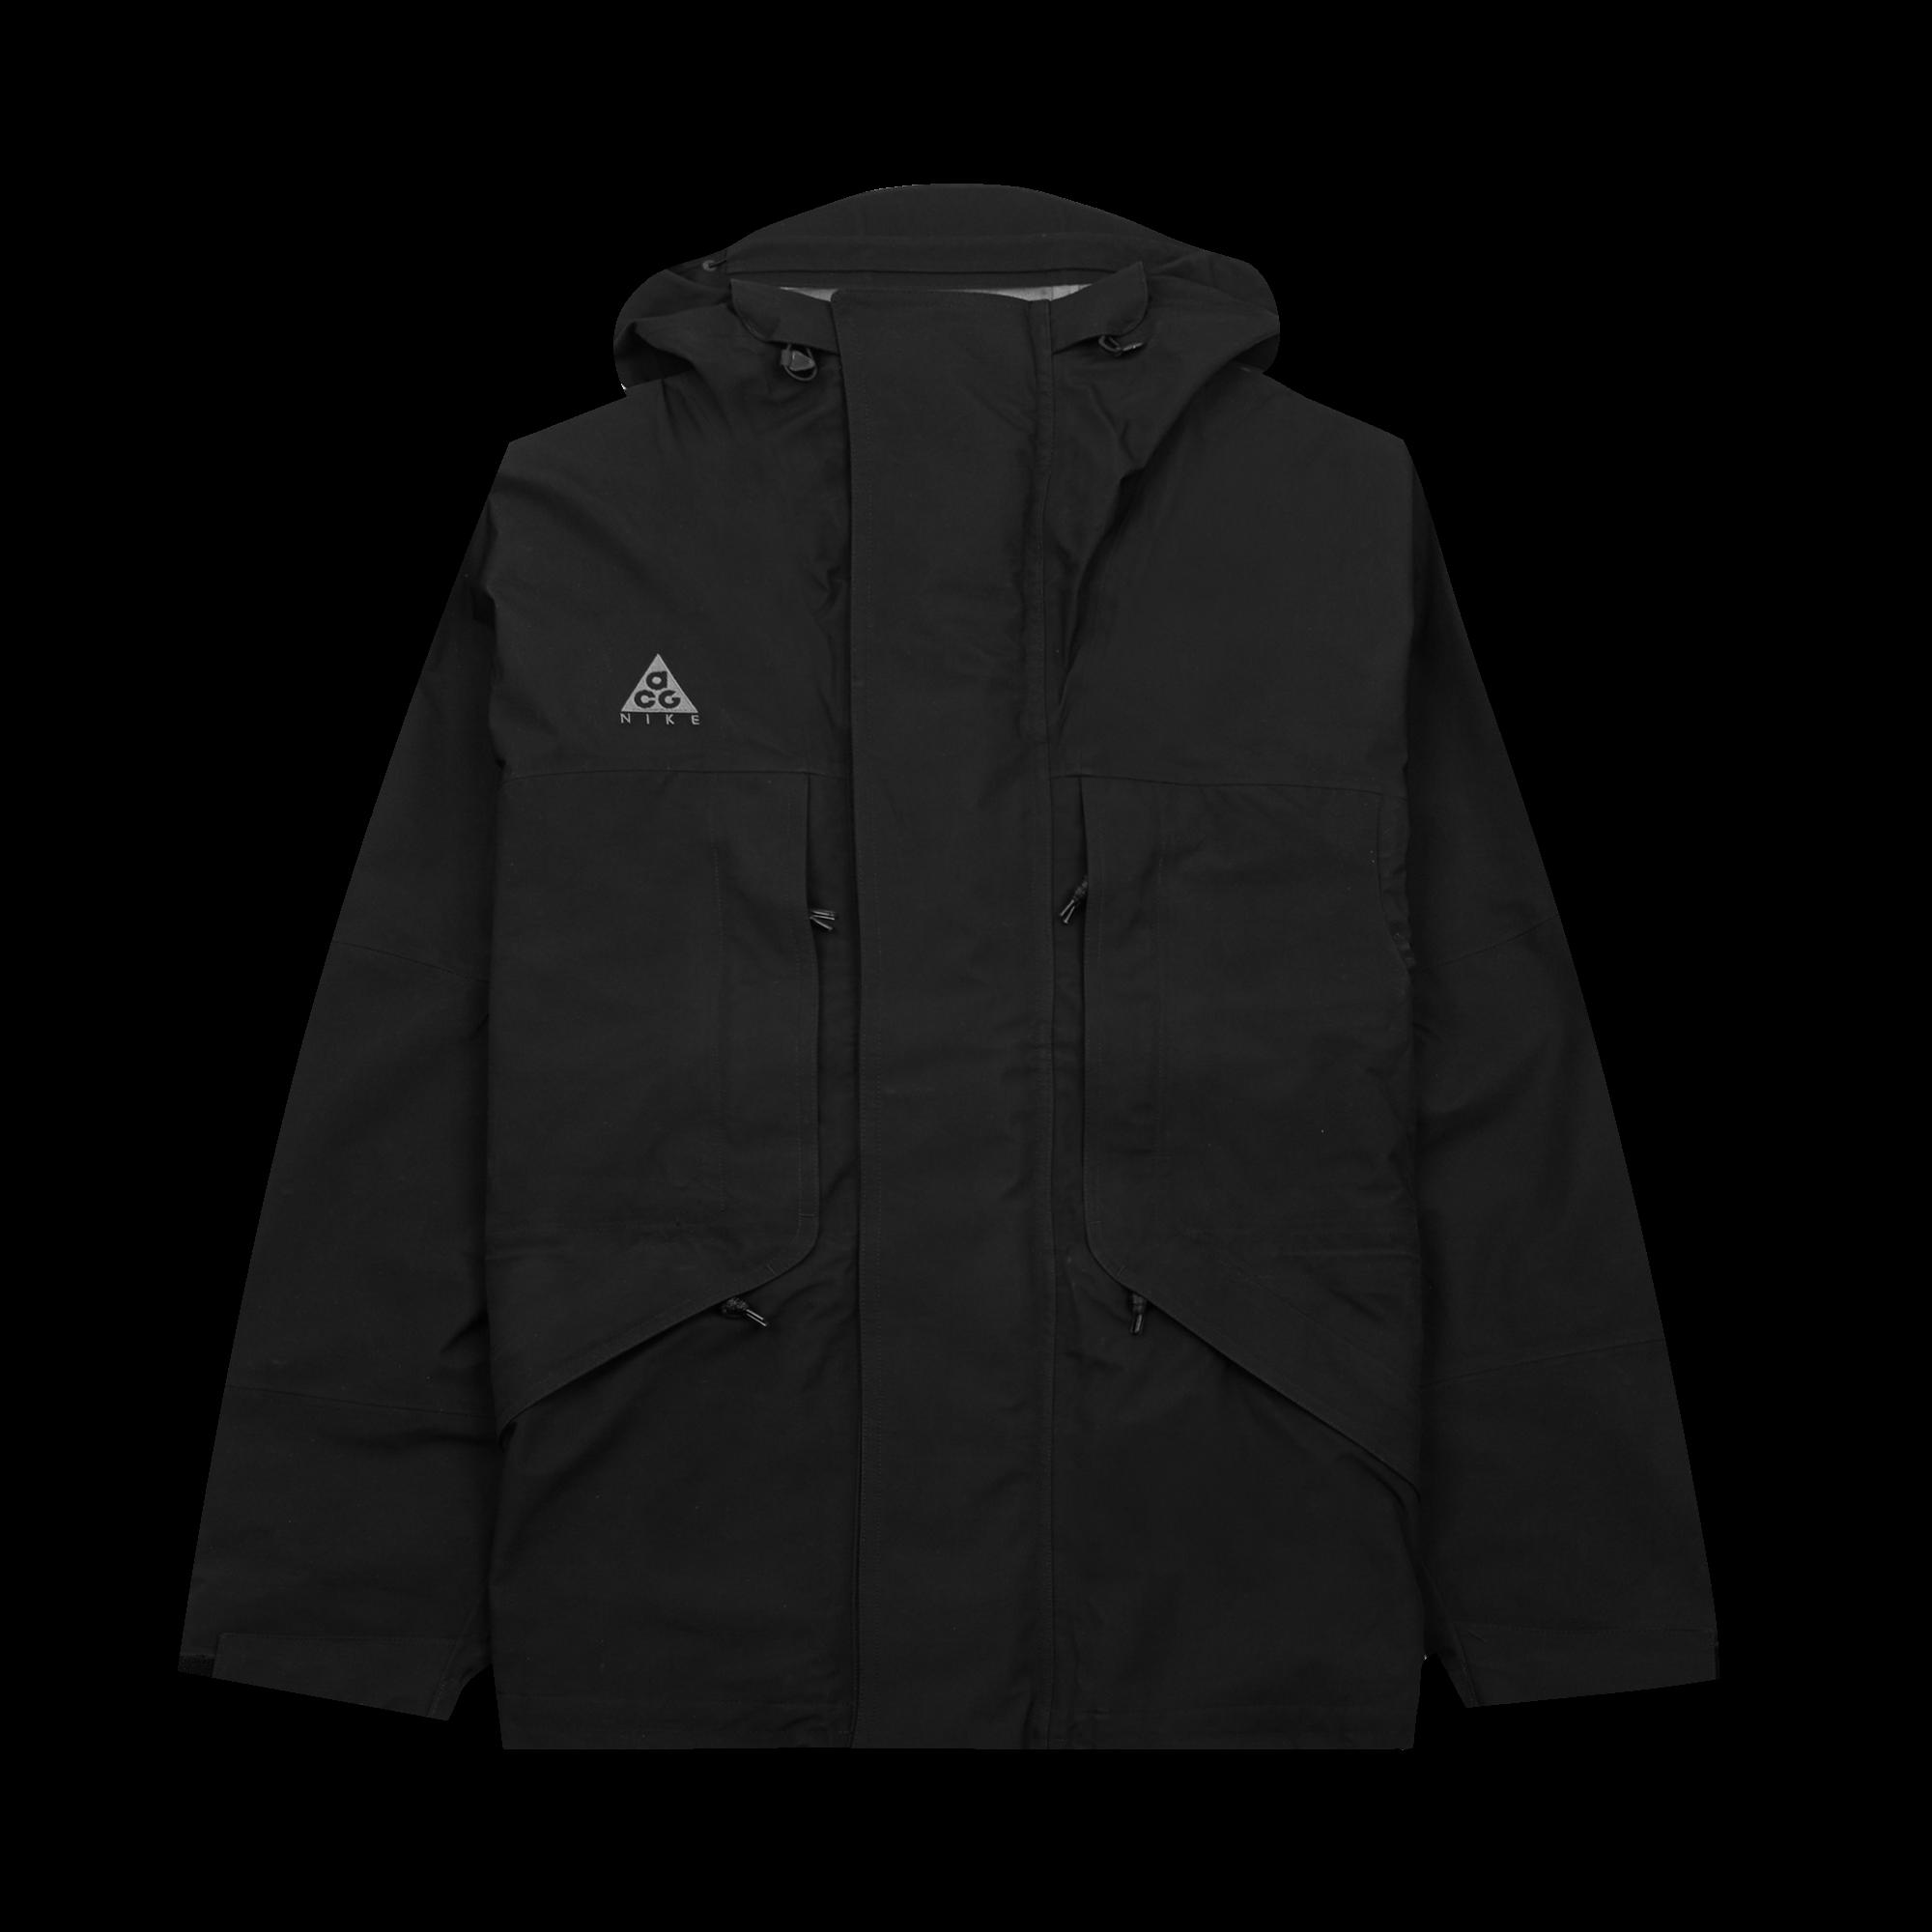 NikeLab ACG Gore Tex Jacket black Jackets |